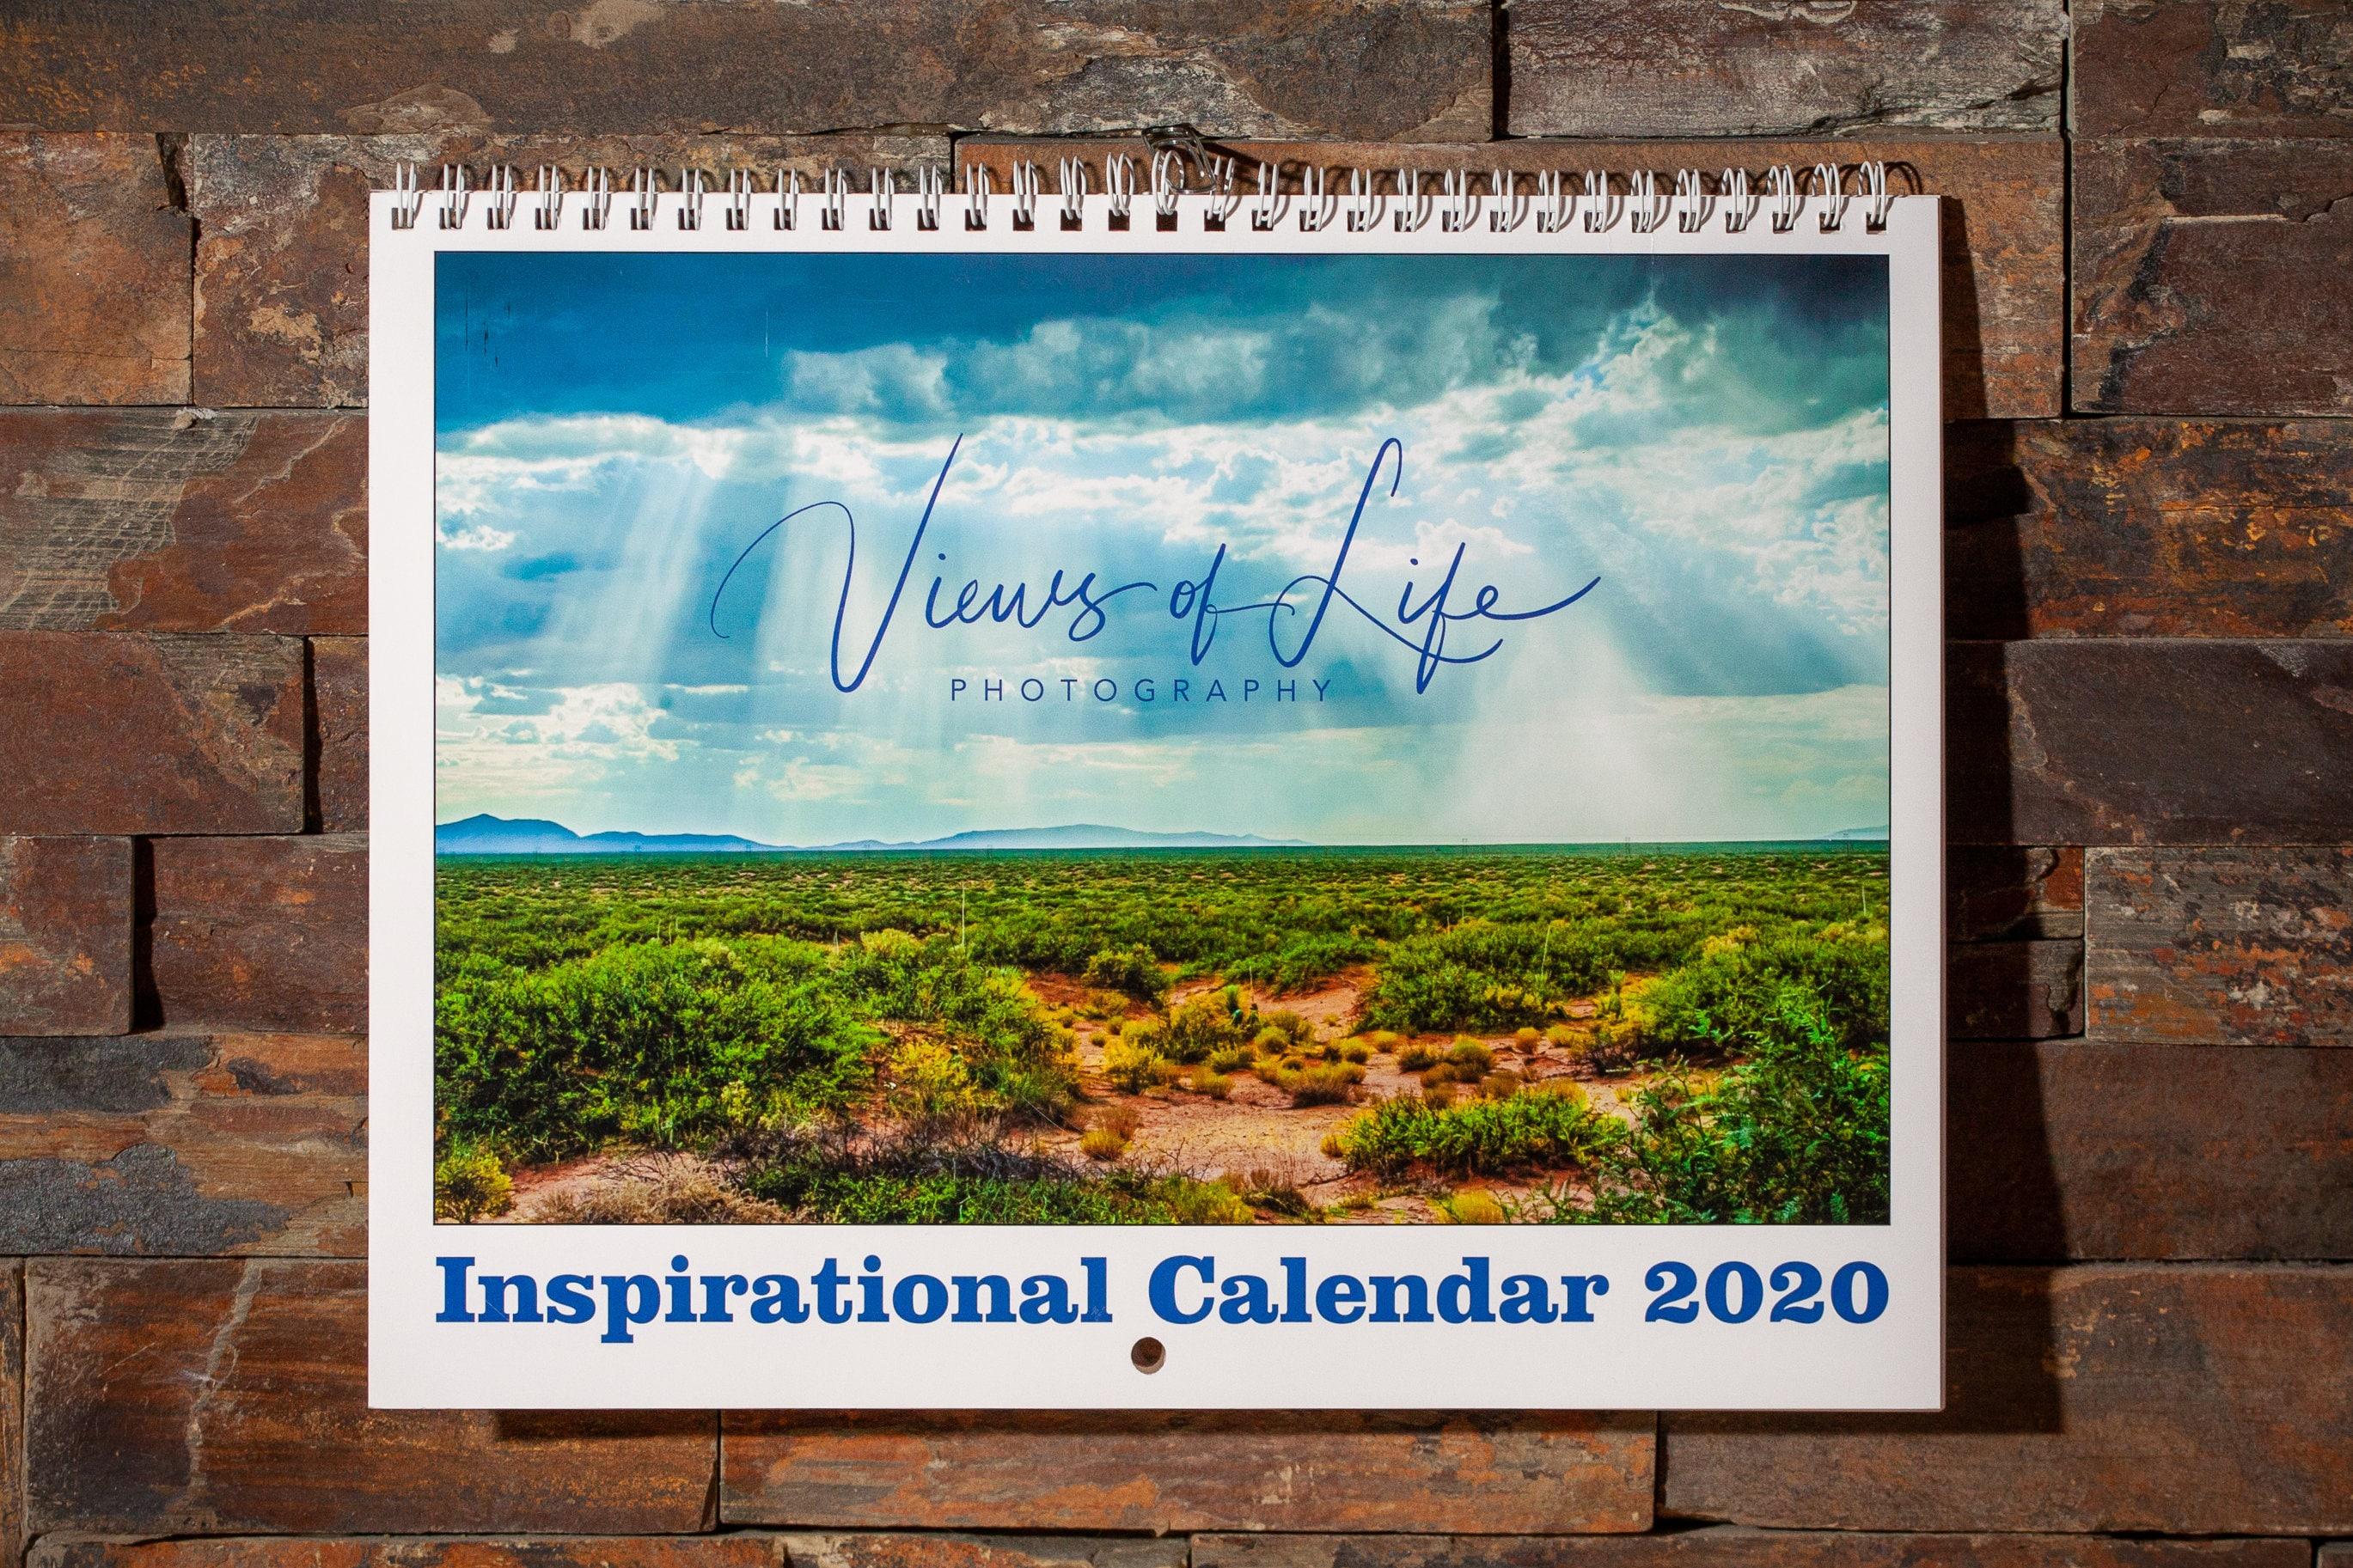 wall calendar landscape photos inspiring quotes each